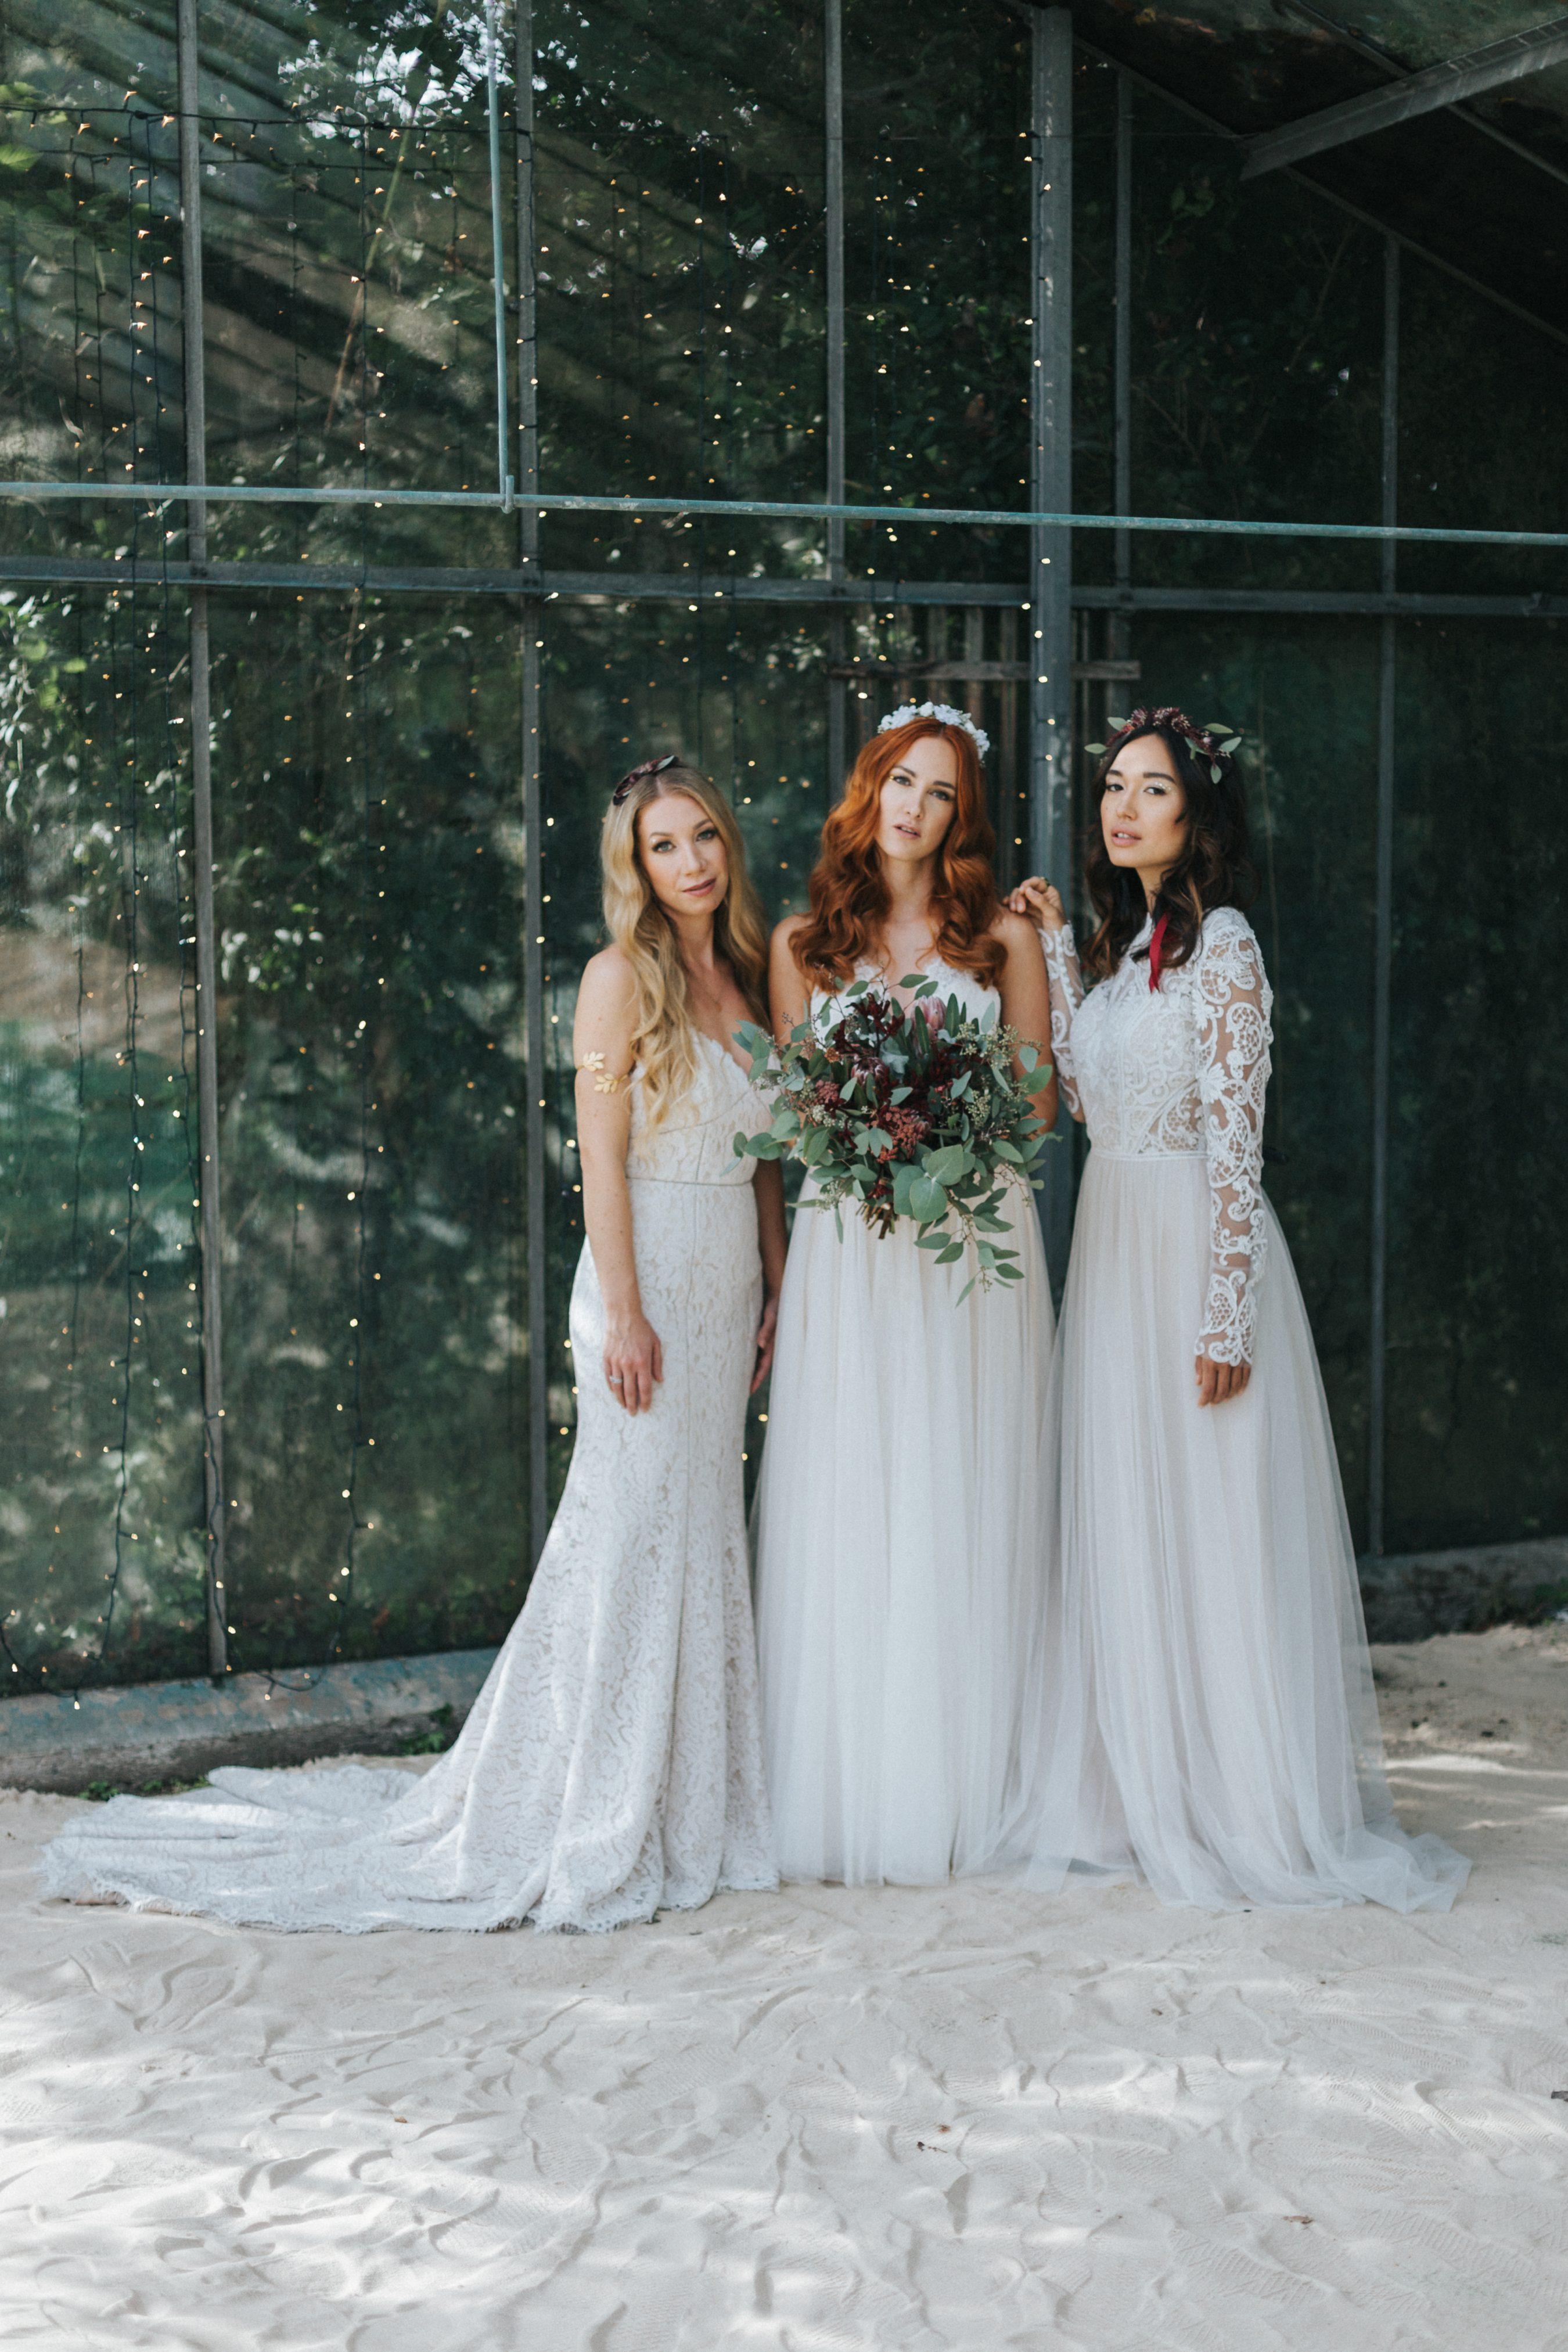 Brautfrisur 2018, Brautfrisuren Ideen, Brautfrisuren offene Haare